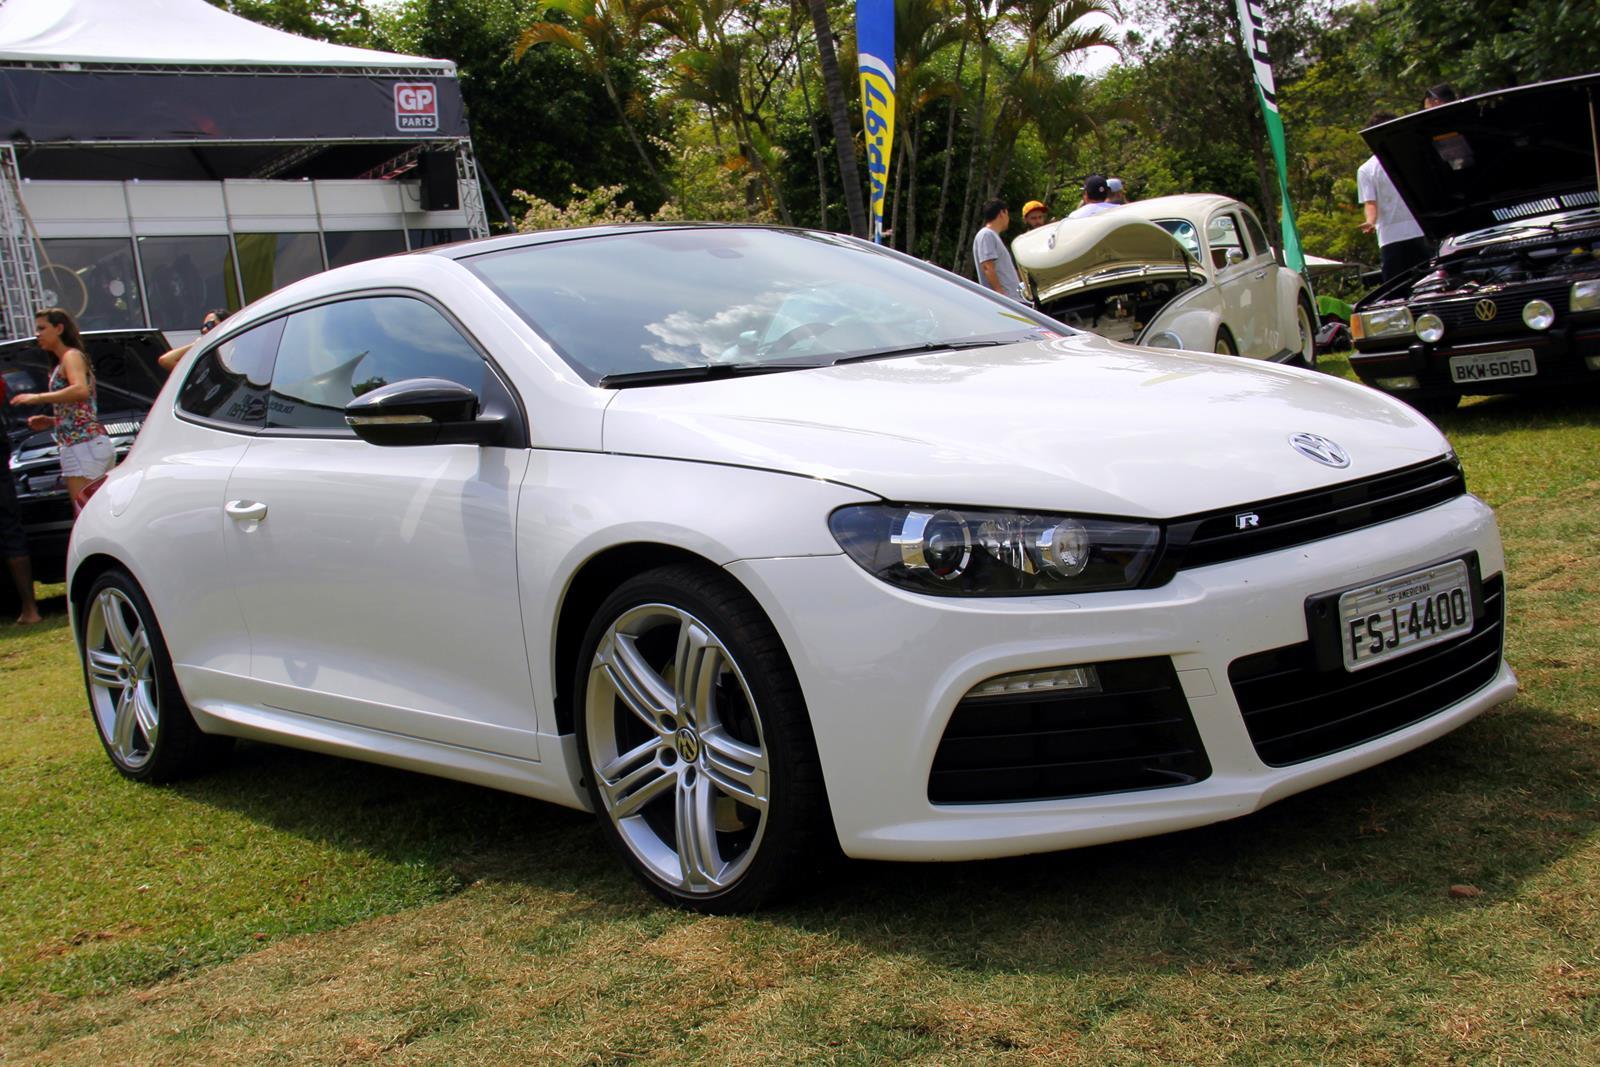 A Volkswagen chegou a cogitar a importação do belíssimo Scirocco no passado. Foi uma pena isso nunca ter acontecido...